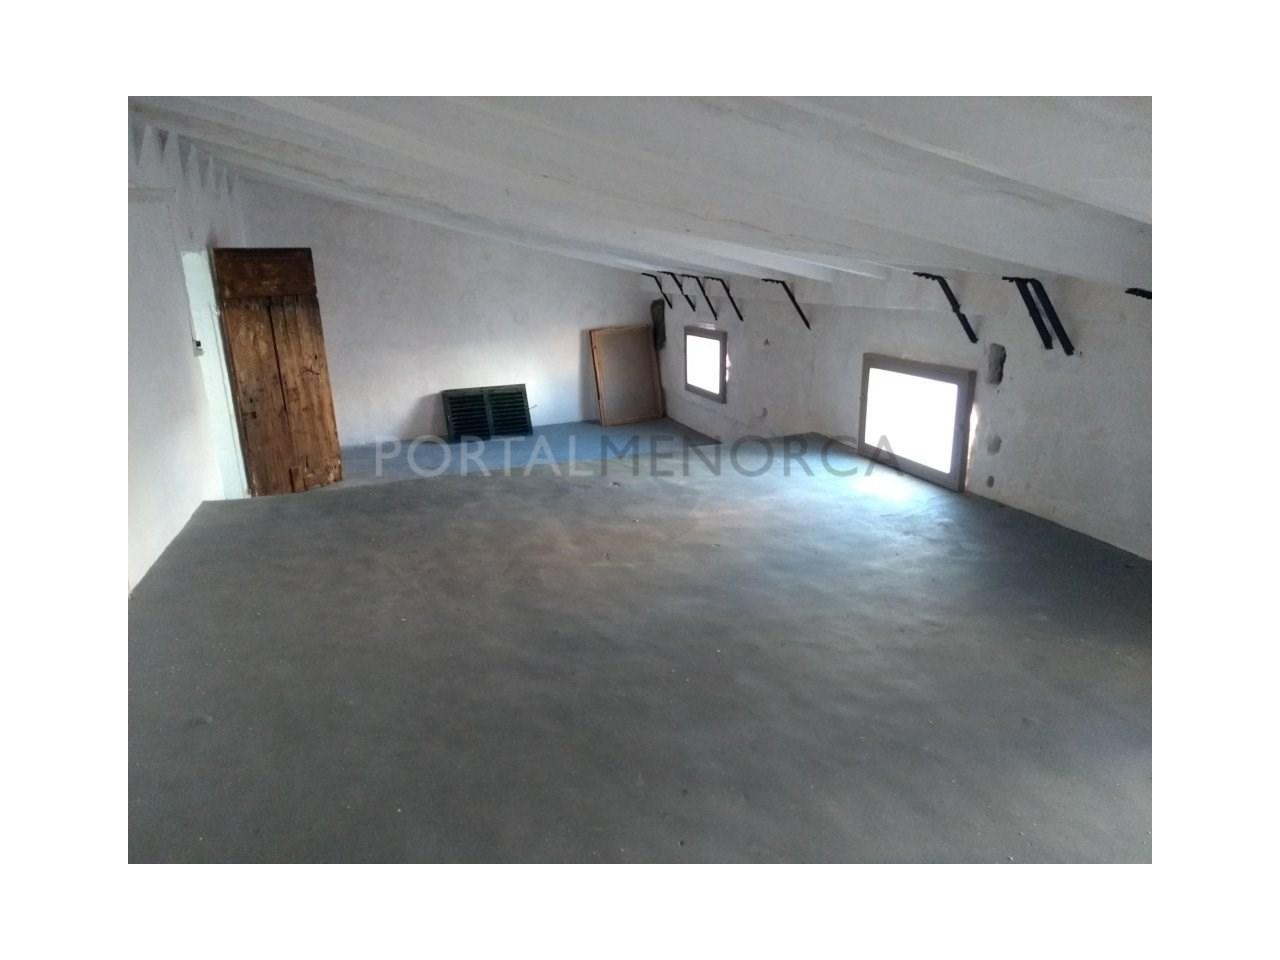 Manor house for sale in Ciutadella-porch